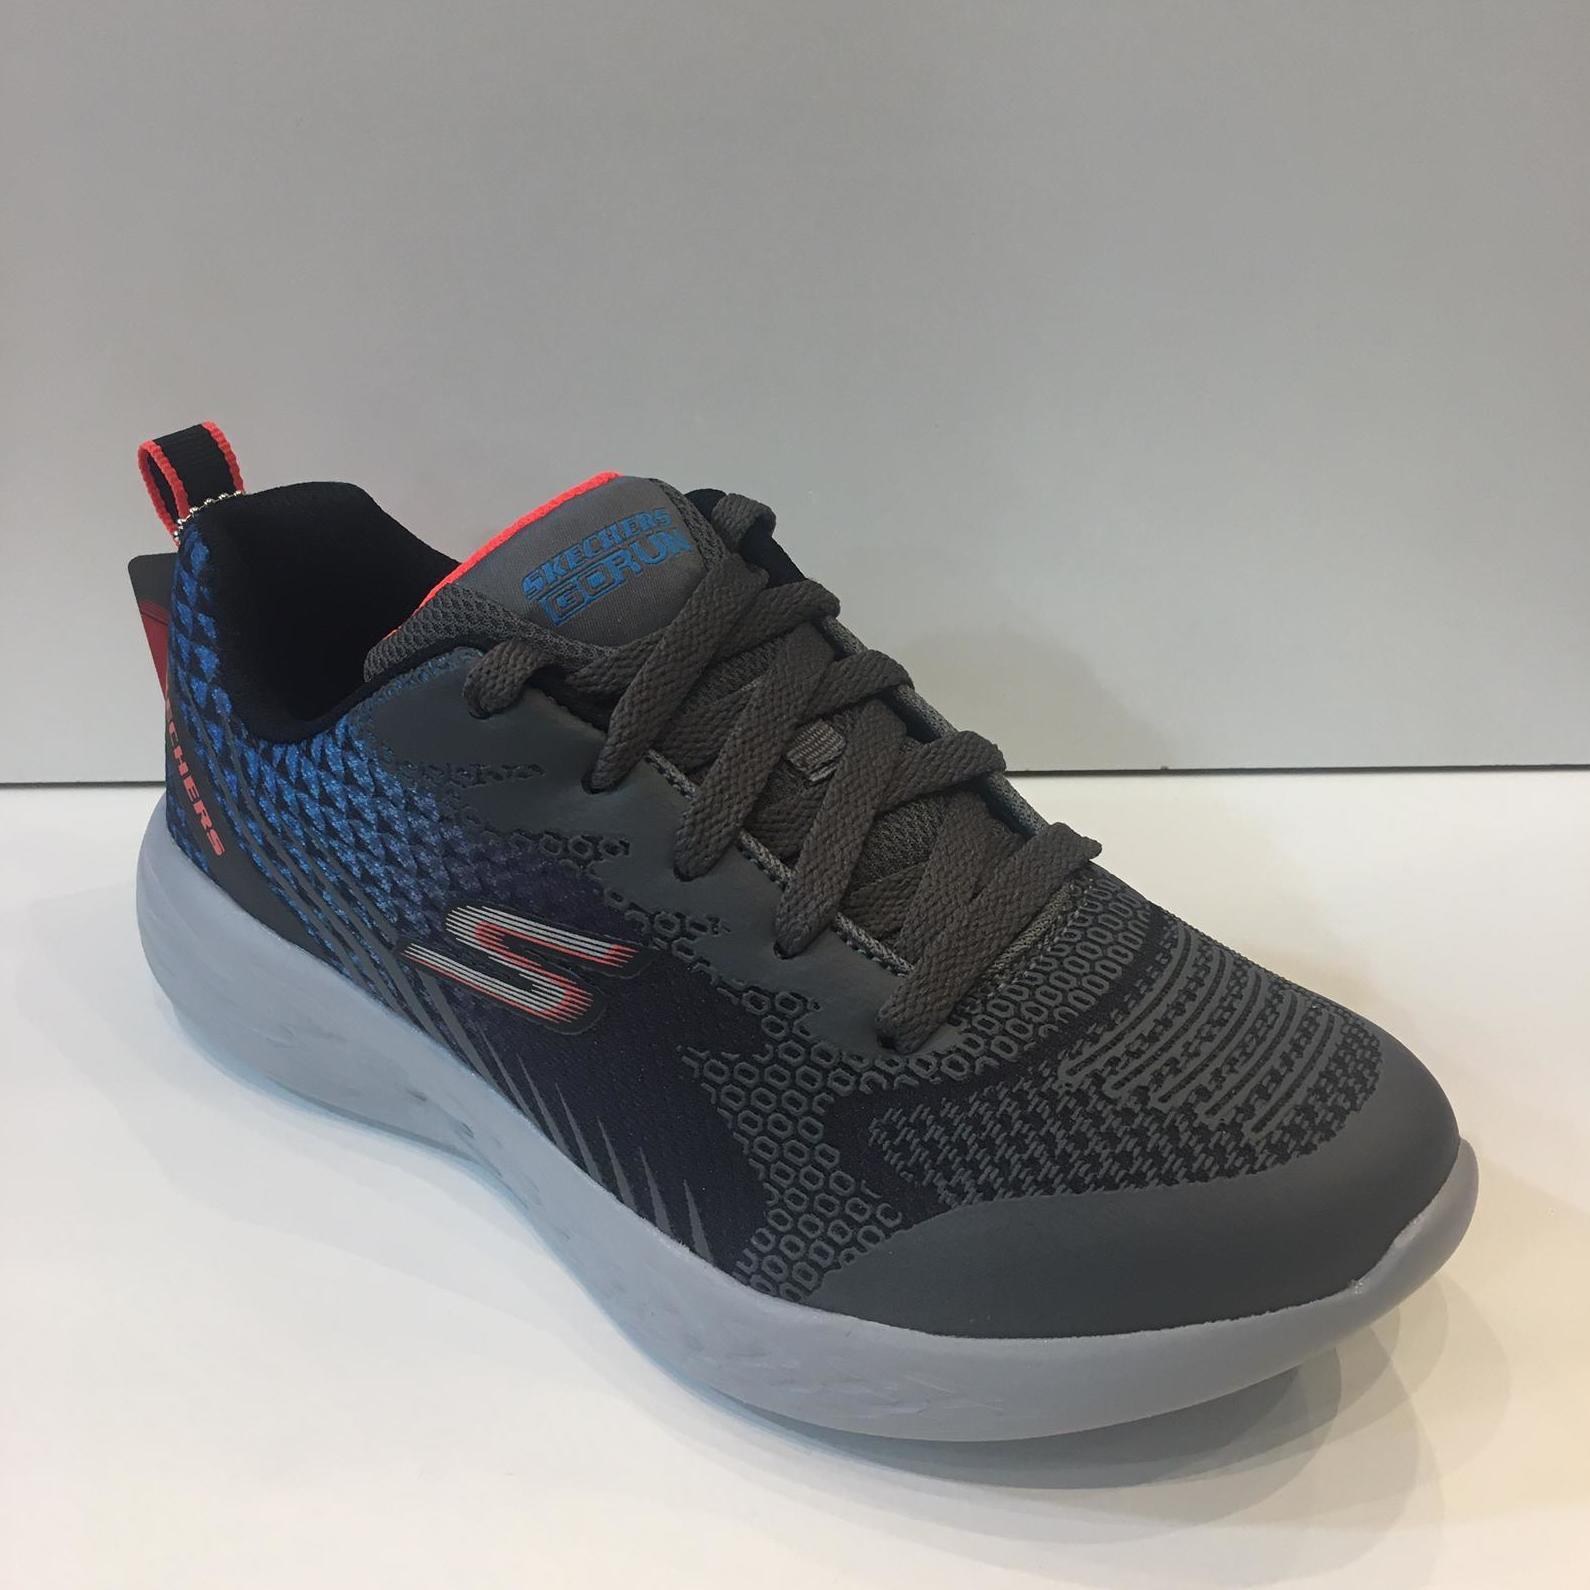 Sabata esportiva de nen, de la marca Skechers Go Run, amb sola de resalite 39.95€